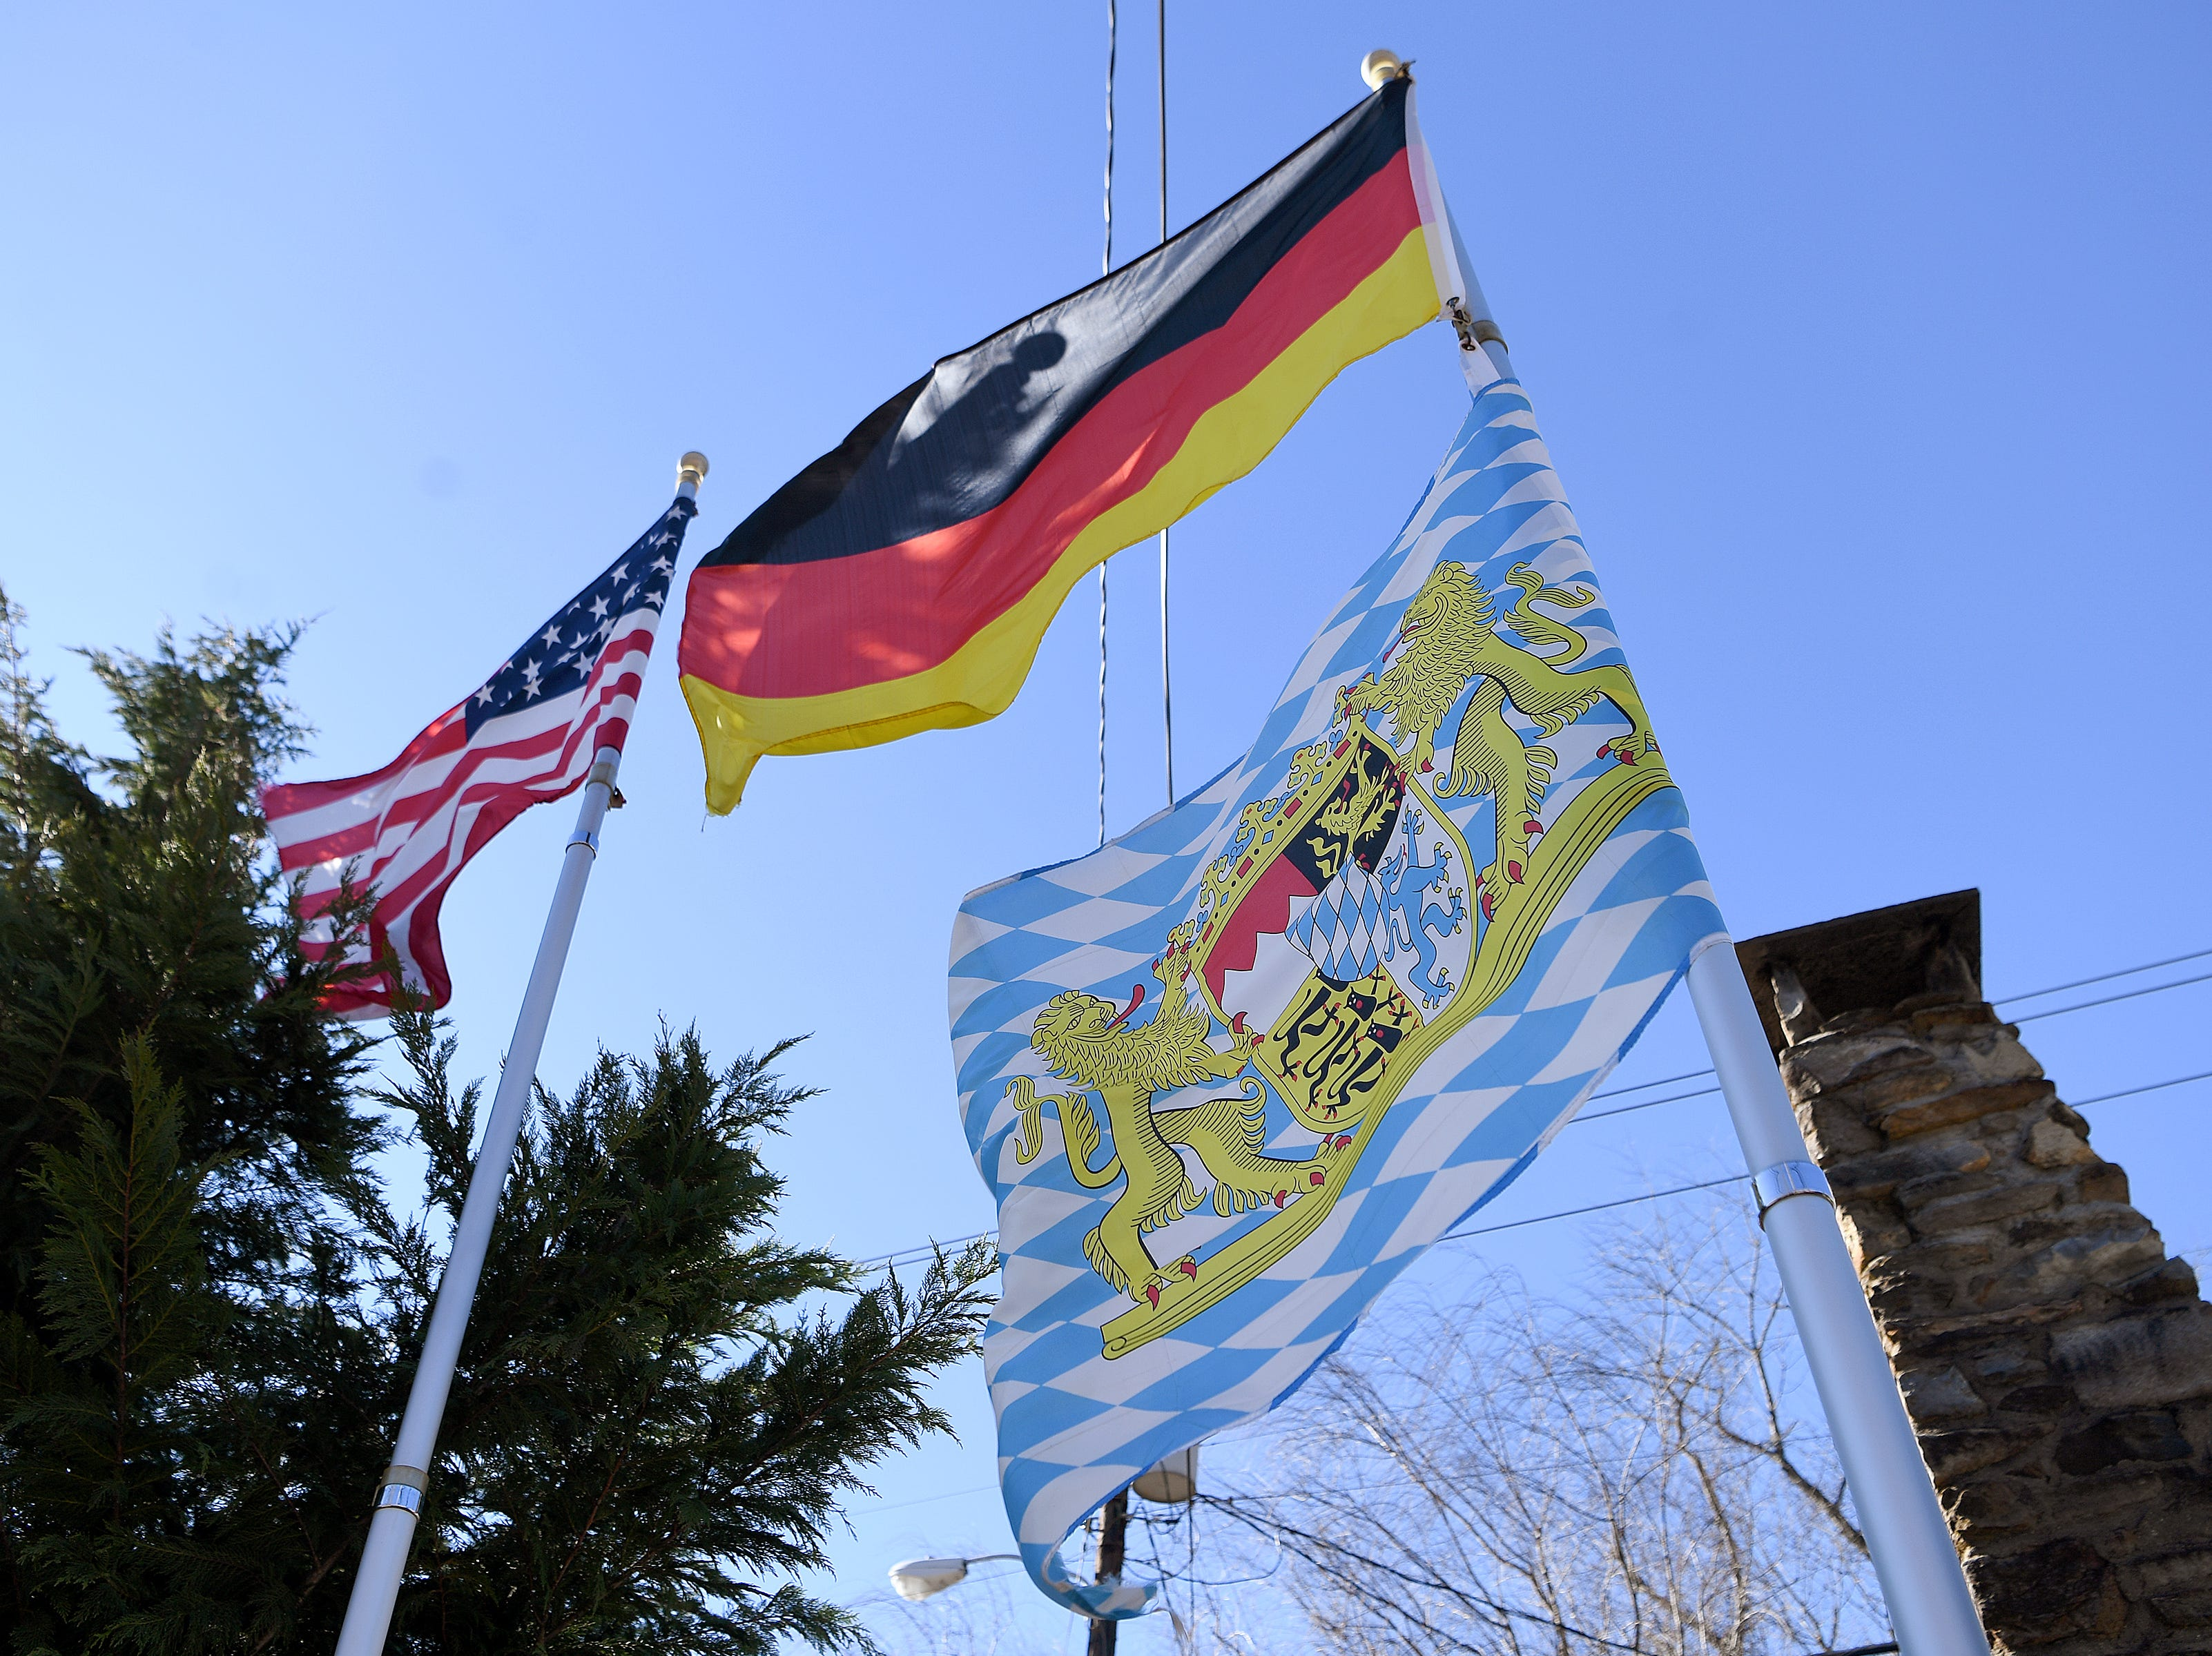 Flag fly outside of the Bavarian Restaurant & Biergarten.